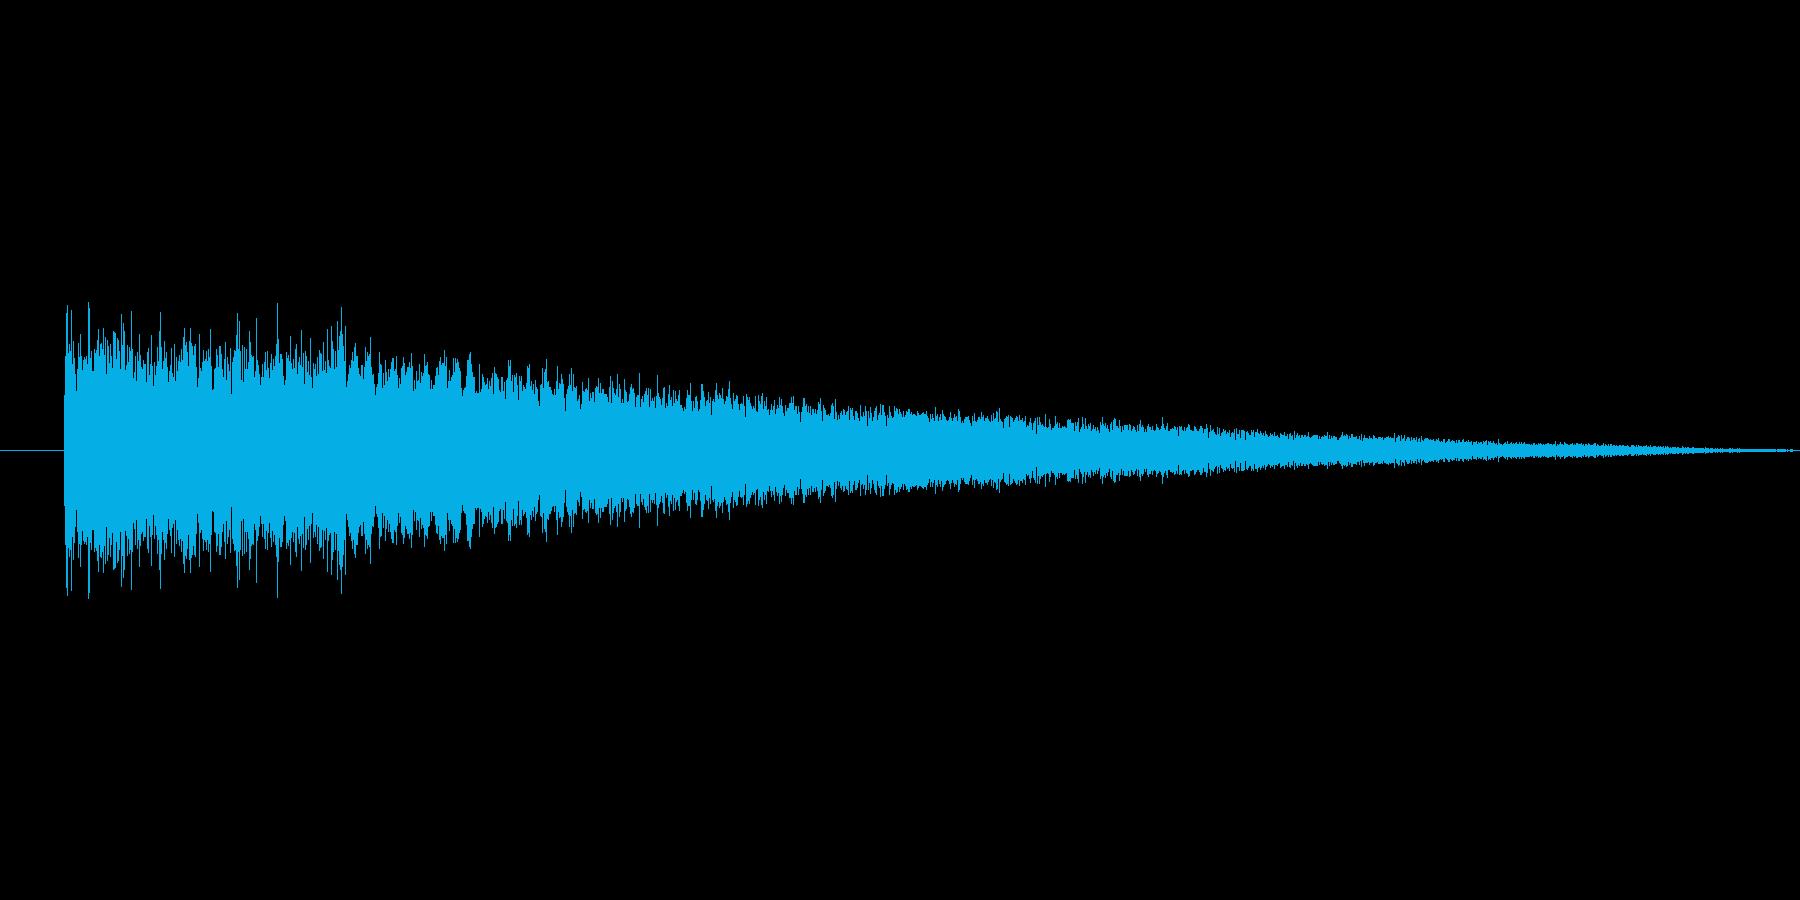 暗い場所で響くイメージの金属音の再生済みの波形